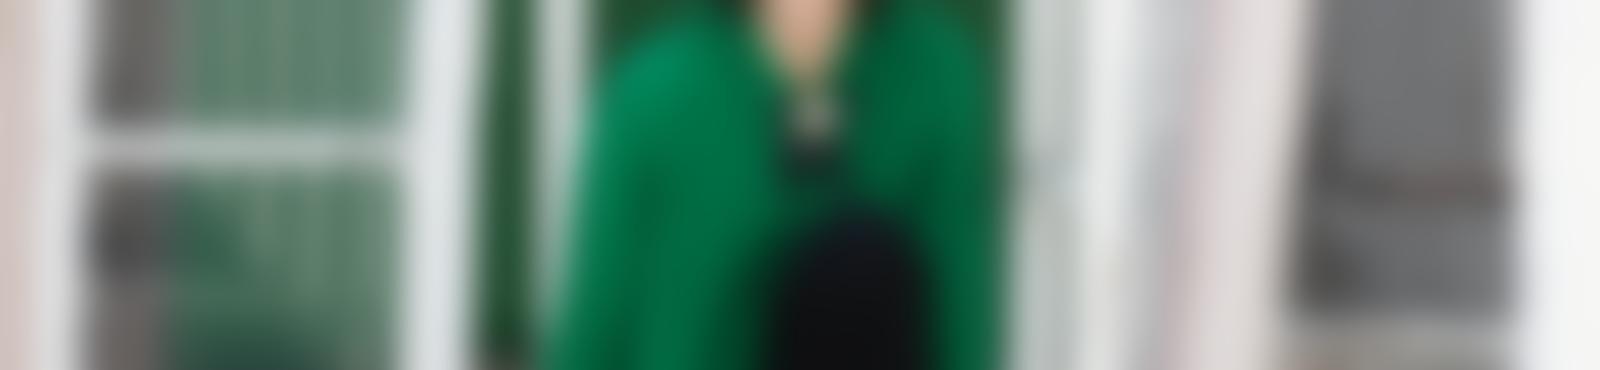 Blurred 31b653c2 6ac7 412f 87a3 410bfa32c8bd